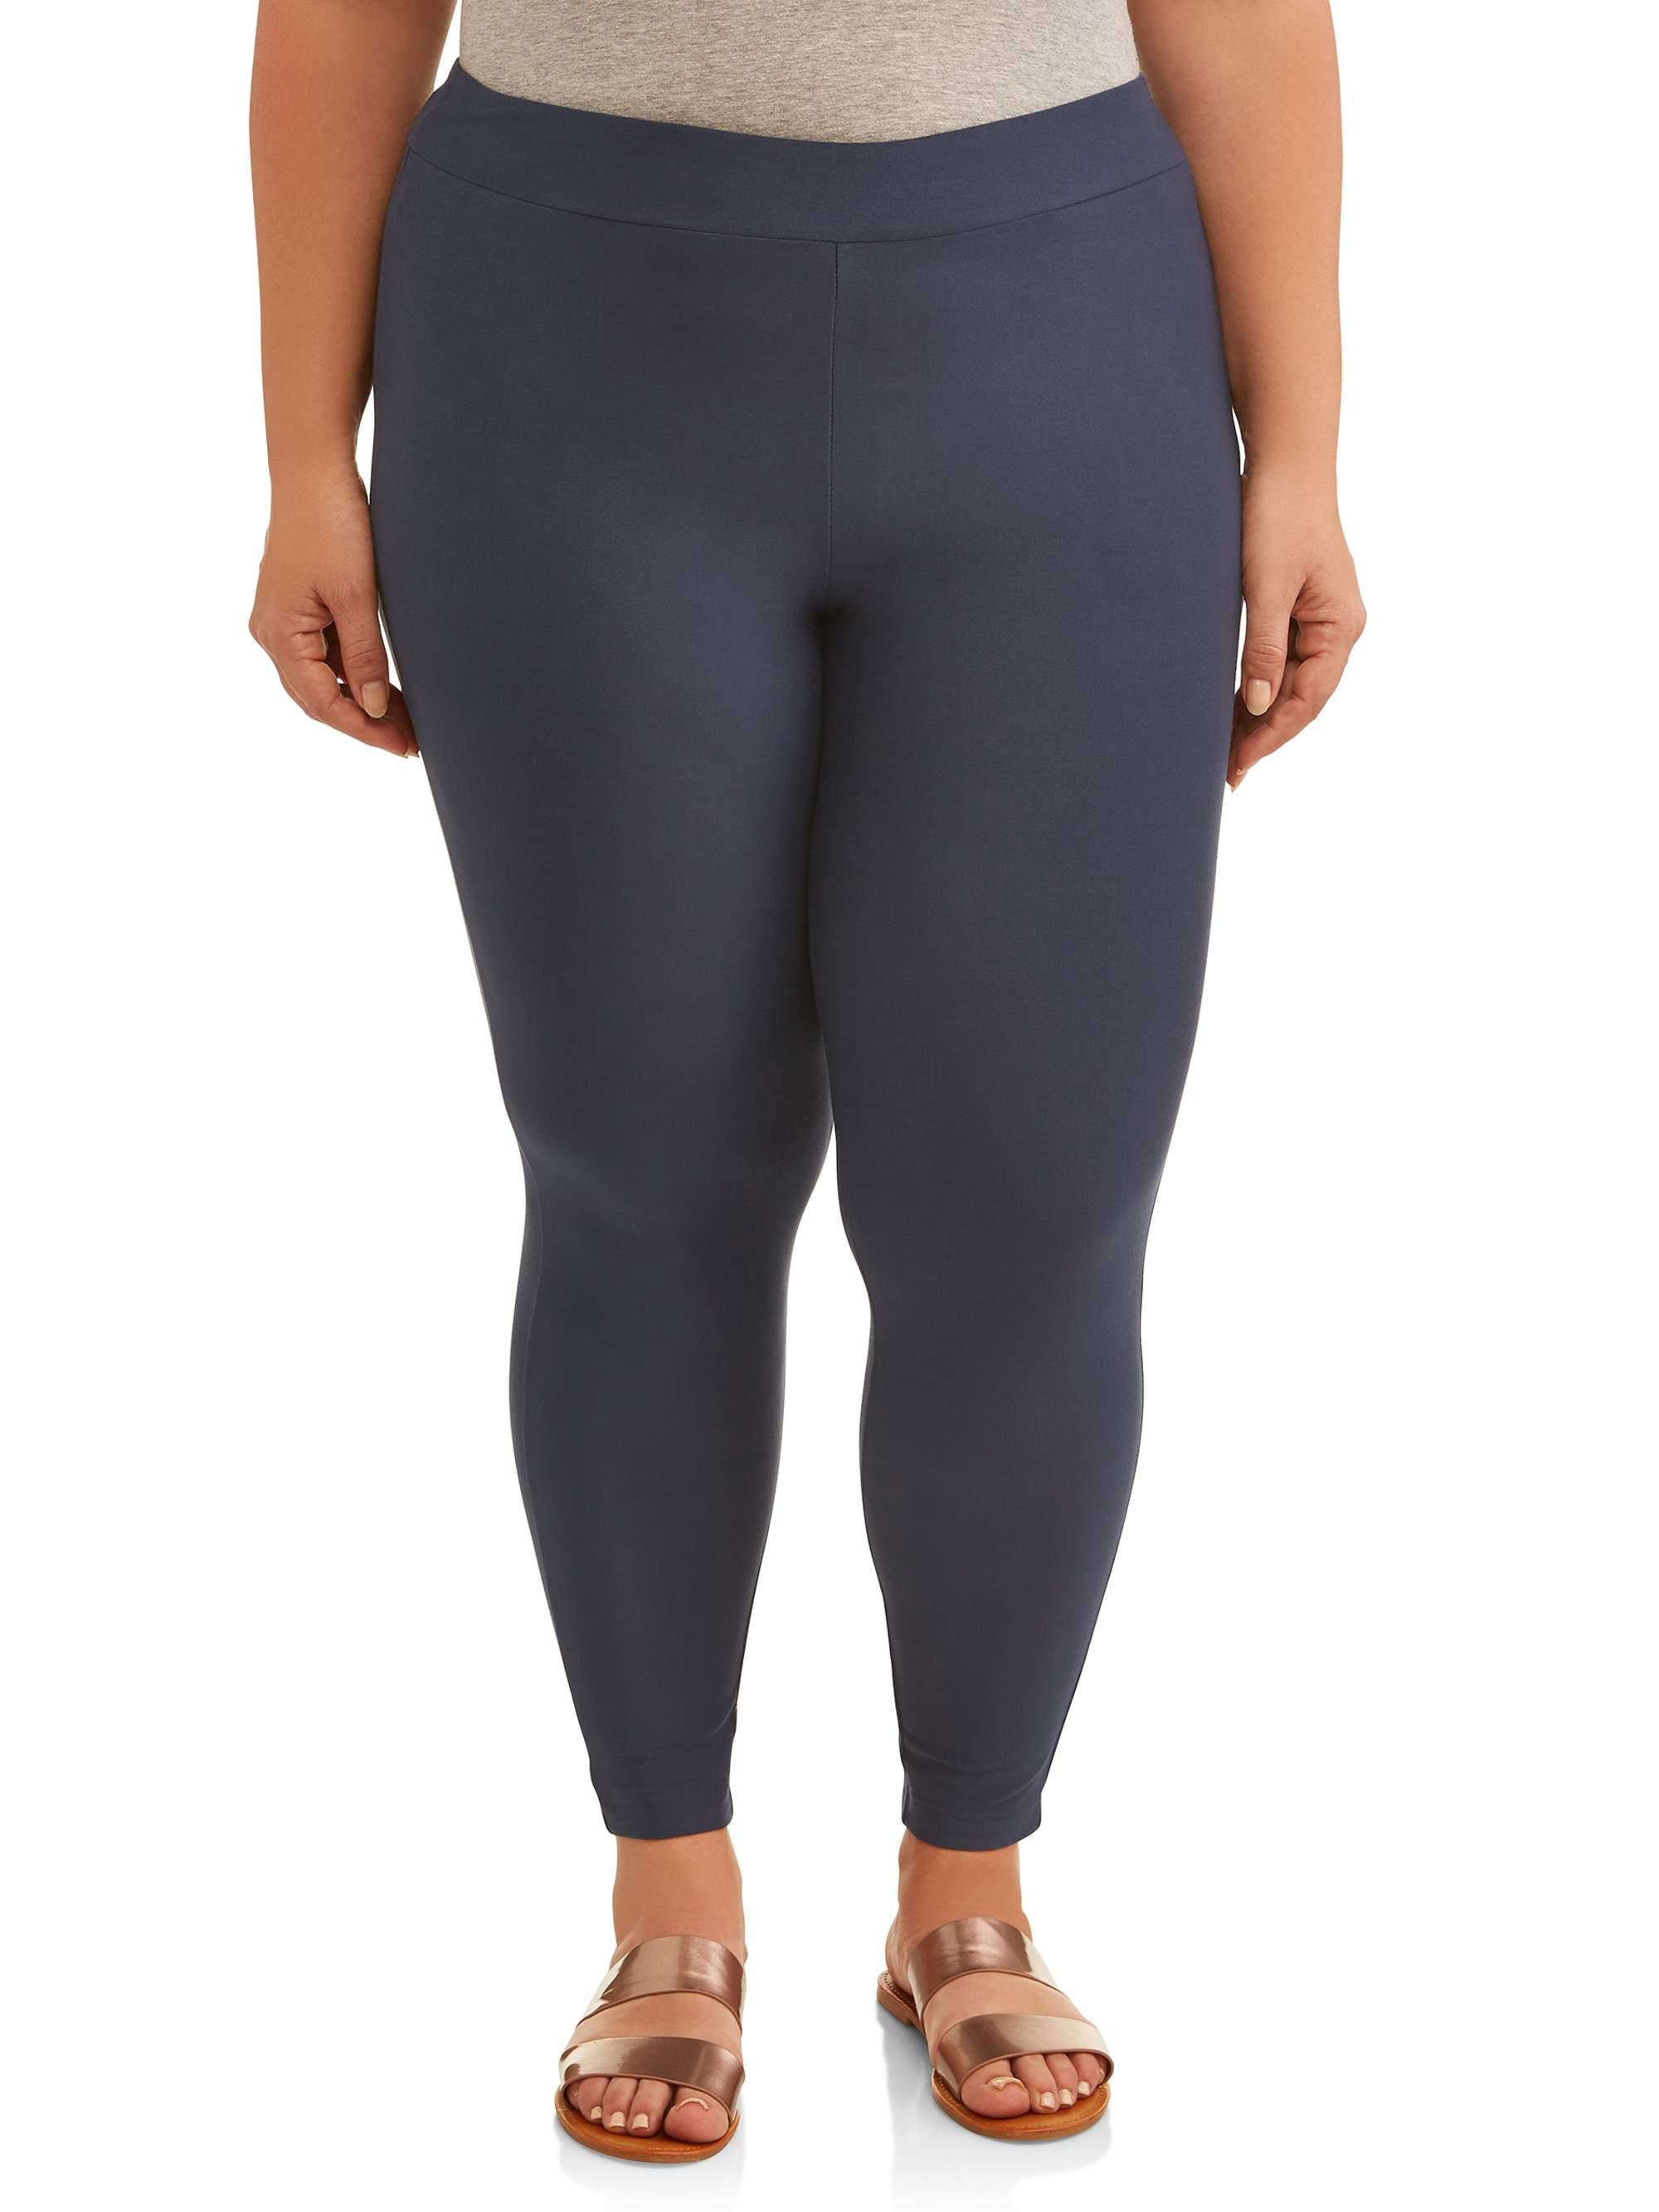 Women's Plus Size Super Soft Full Length Legging